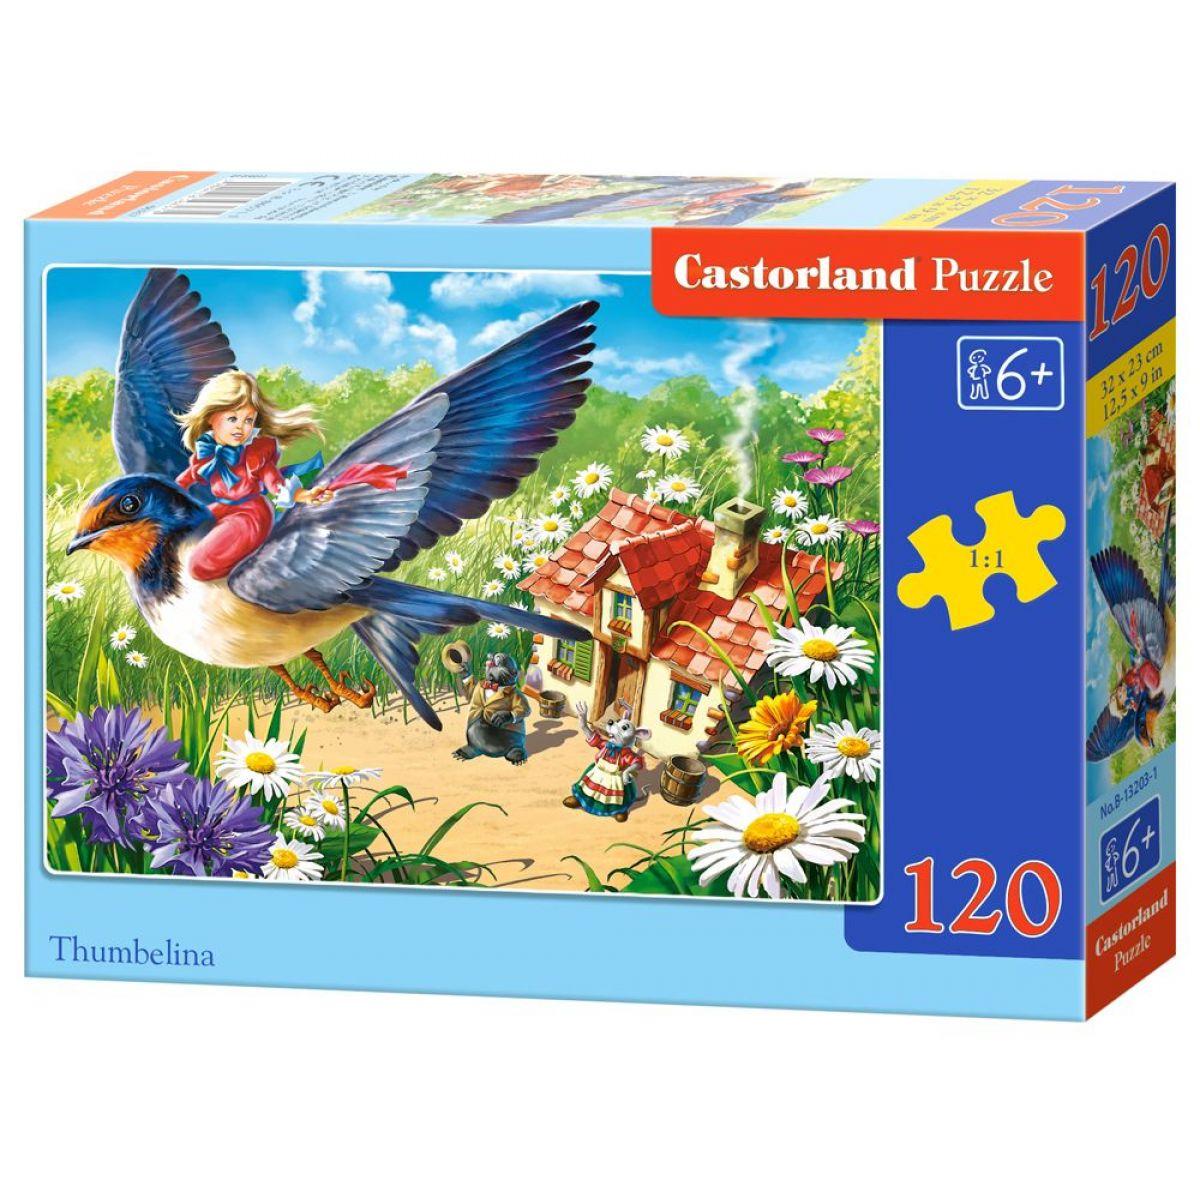 Castorland Puzzle 120 dielikov Malenka